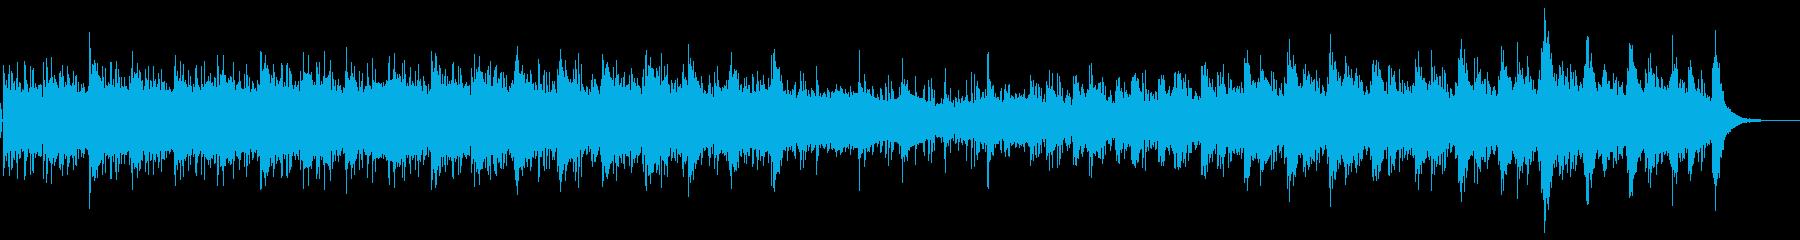 琴を使った日本の風景、職人、芸術用BGMの再生済みの波形